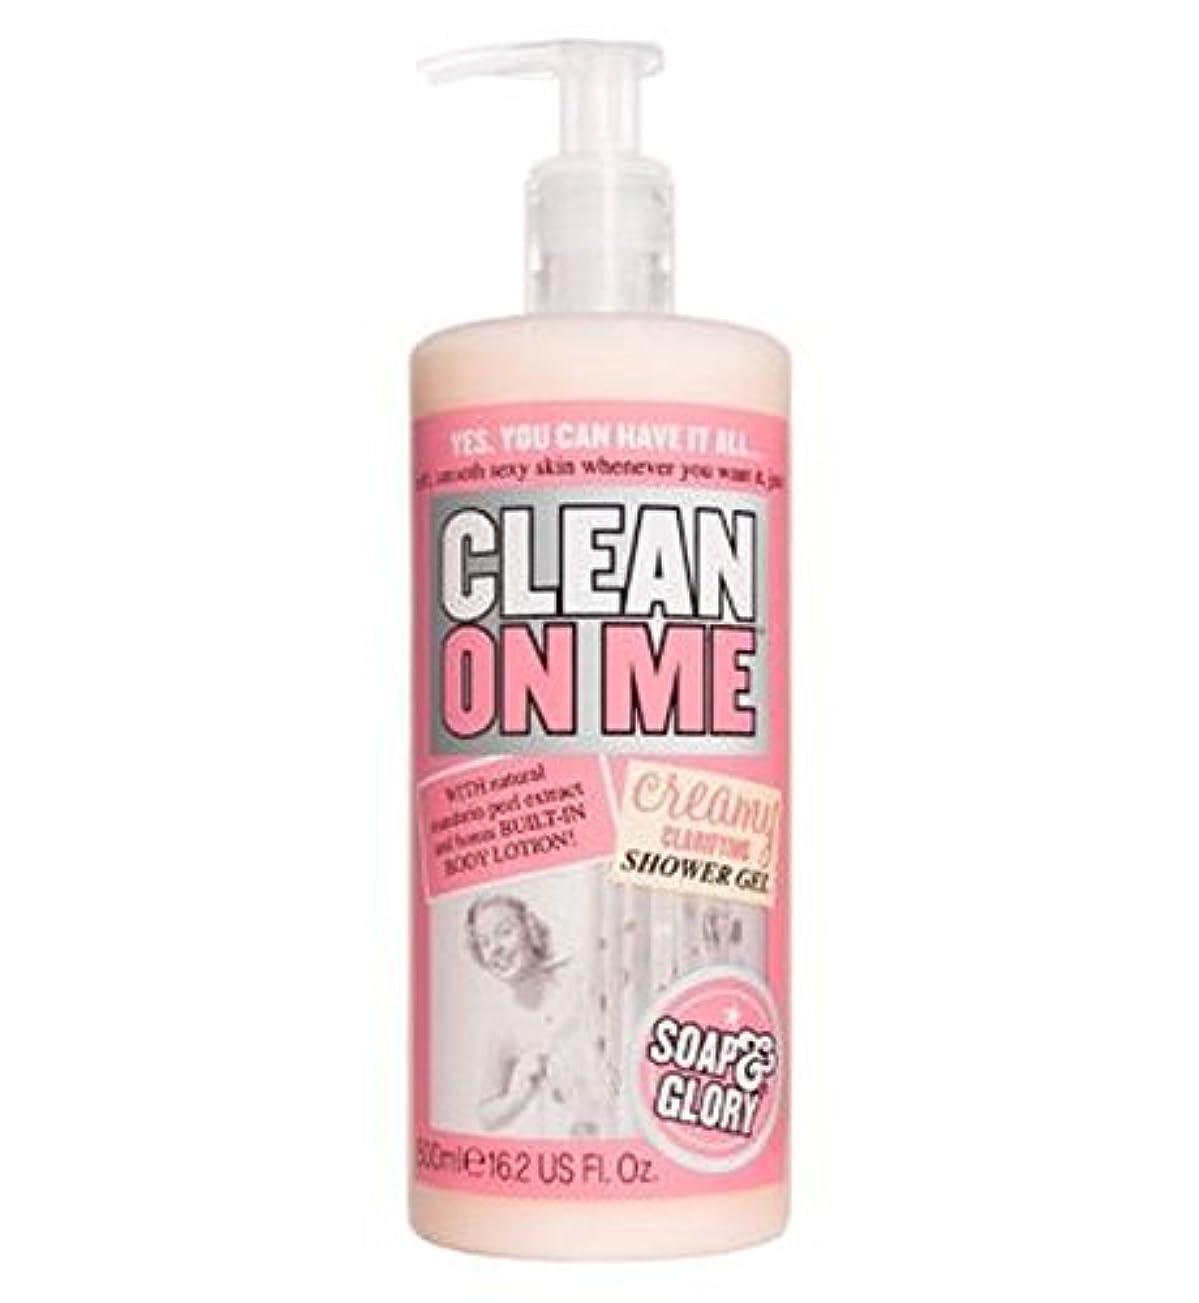 侵略素敵な思い出させる私にきれいな石鹸&栄光はシャワージェル500ミリリットルを明確にクリーミー (Soap & Glory) (x2) - Soap & Glory Clean On Me Creamy Clarifying Shower Gel 500ml (Pack of 2) [並行輸入品]